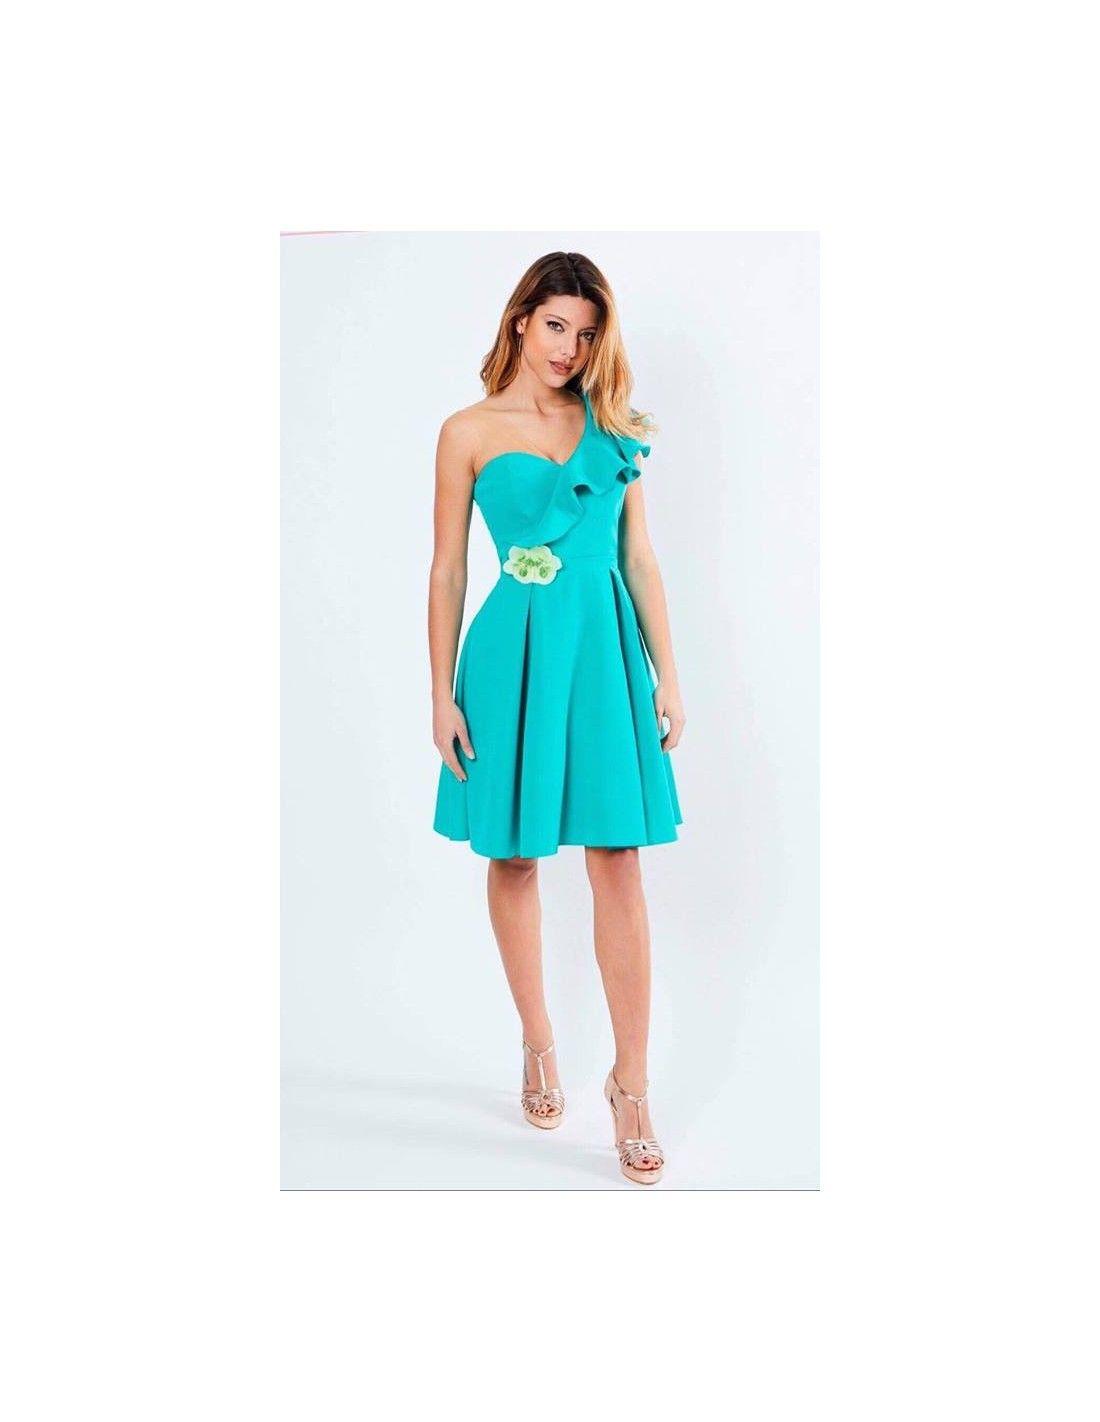 30e70d03ac Vestido Flor Agua Marina - Vestido en color Agua marina. Escote en pico.  Detalle